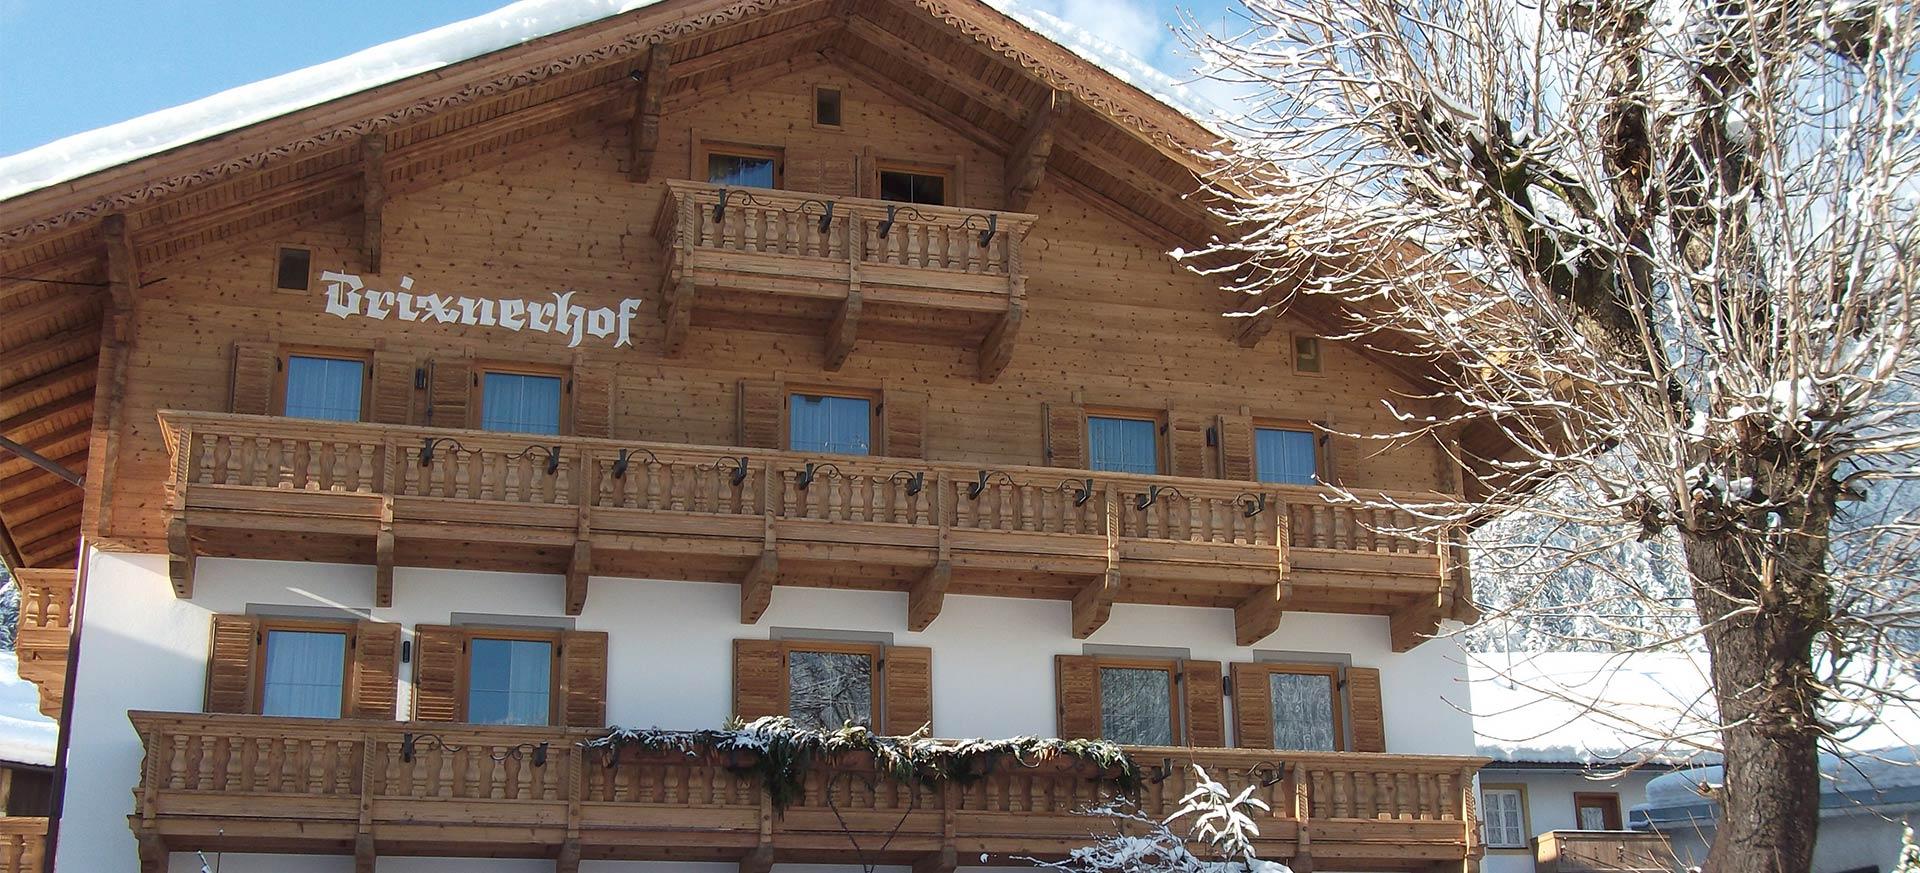 brixnerhof im zillertal, winter im zillertal, winterurlaub, urlaub m zillertal